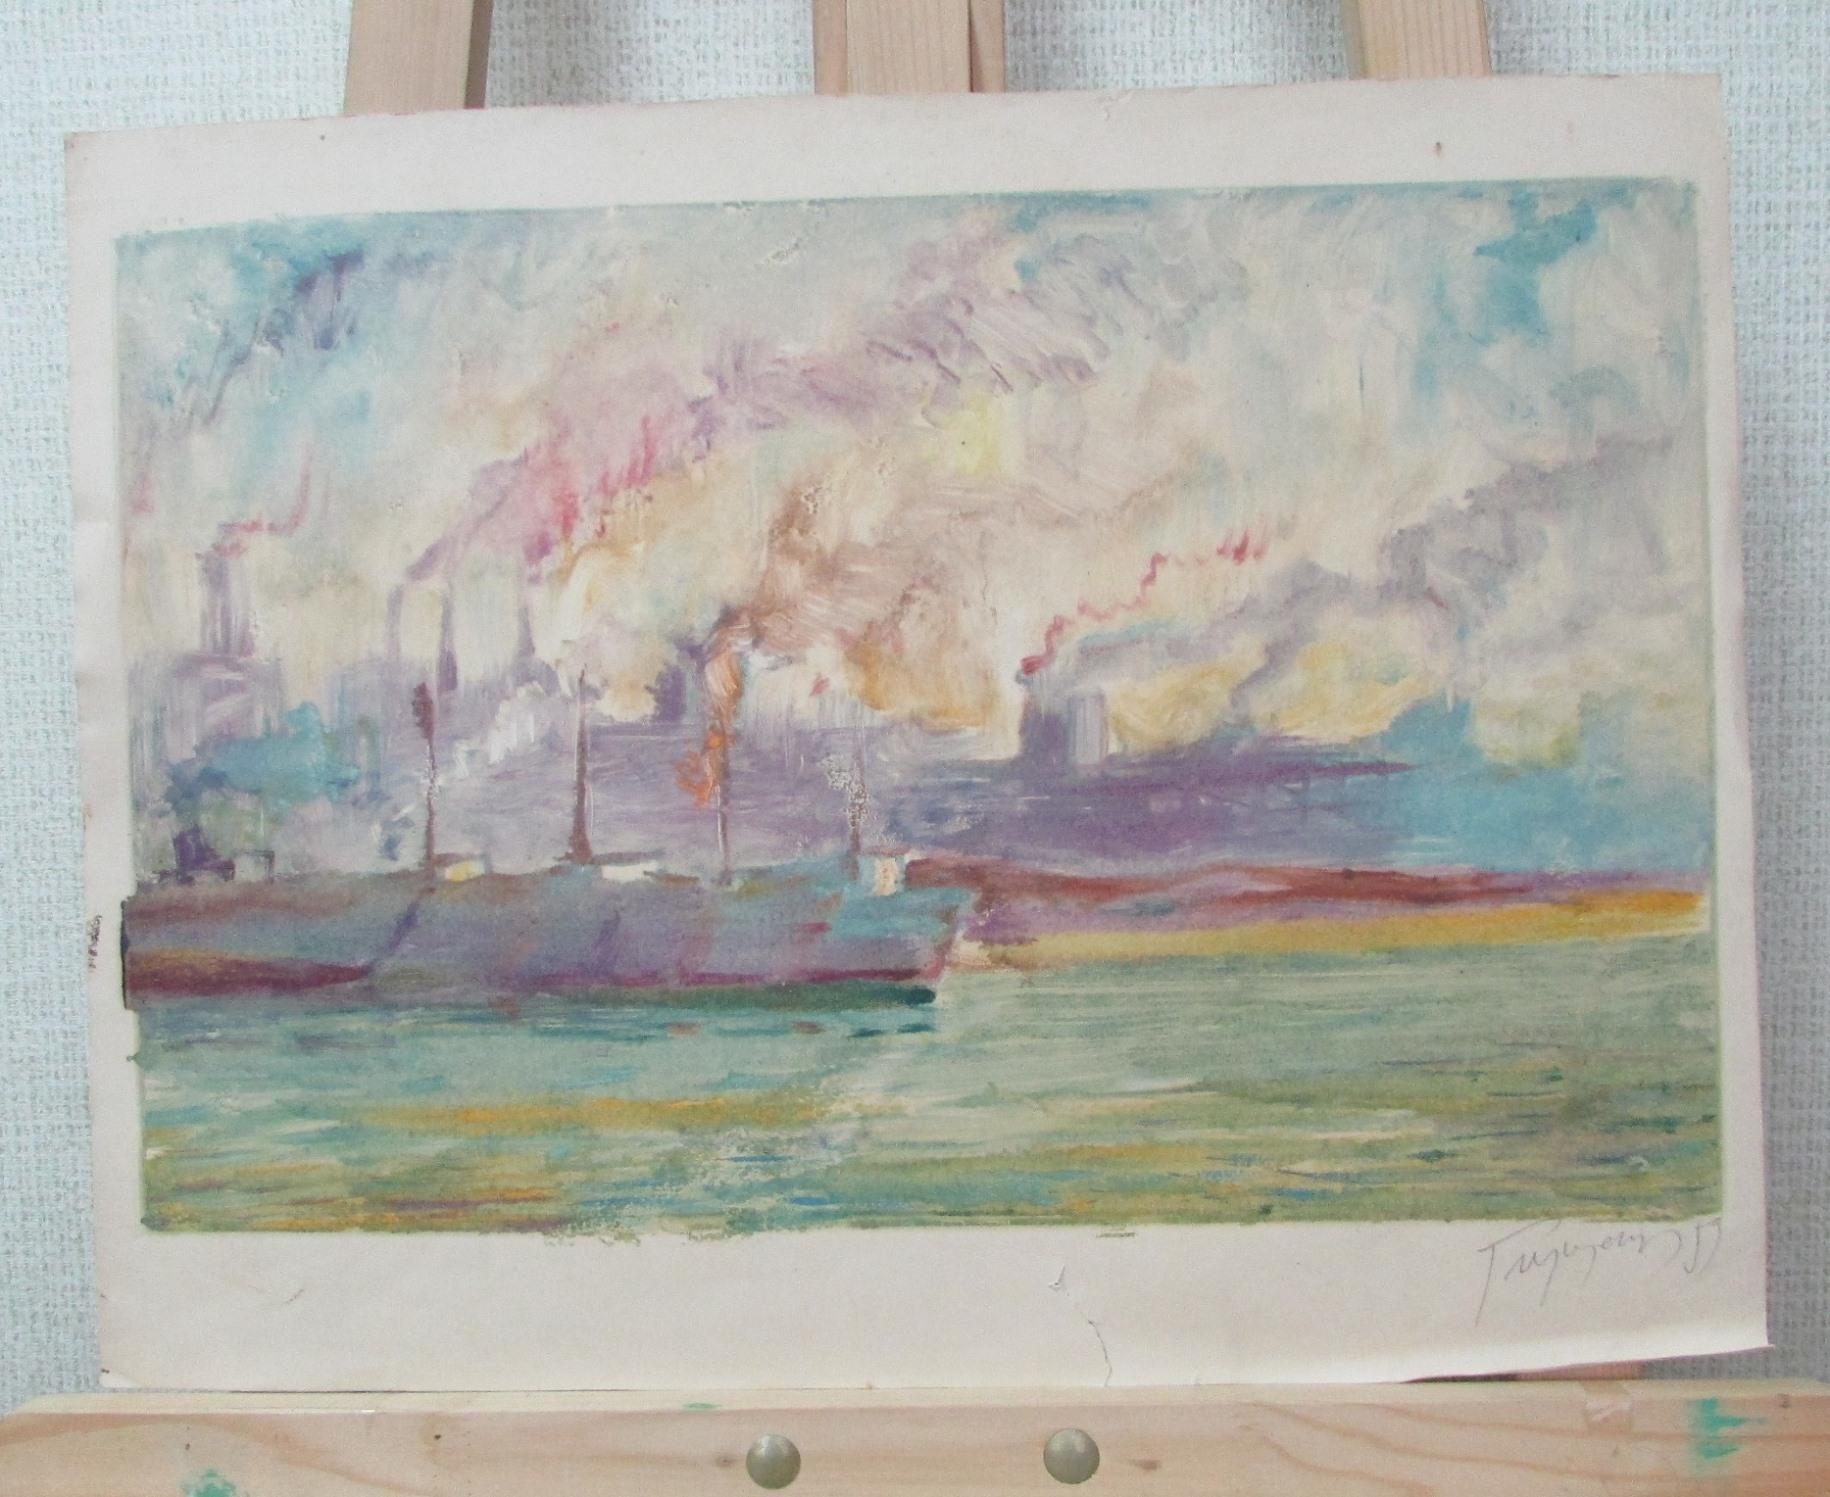 Живопис.  Картина «Річковий пейзаж» М. Глущенка